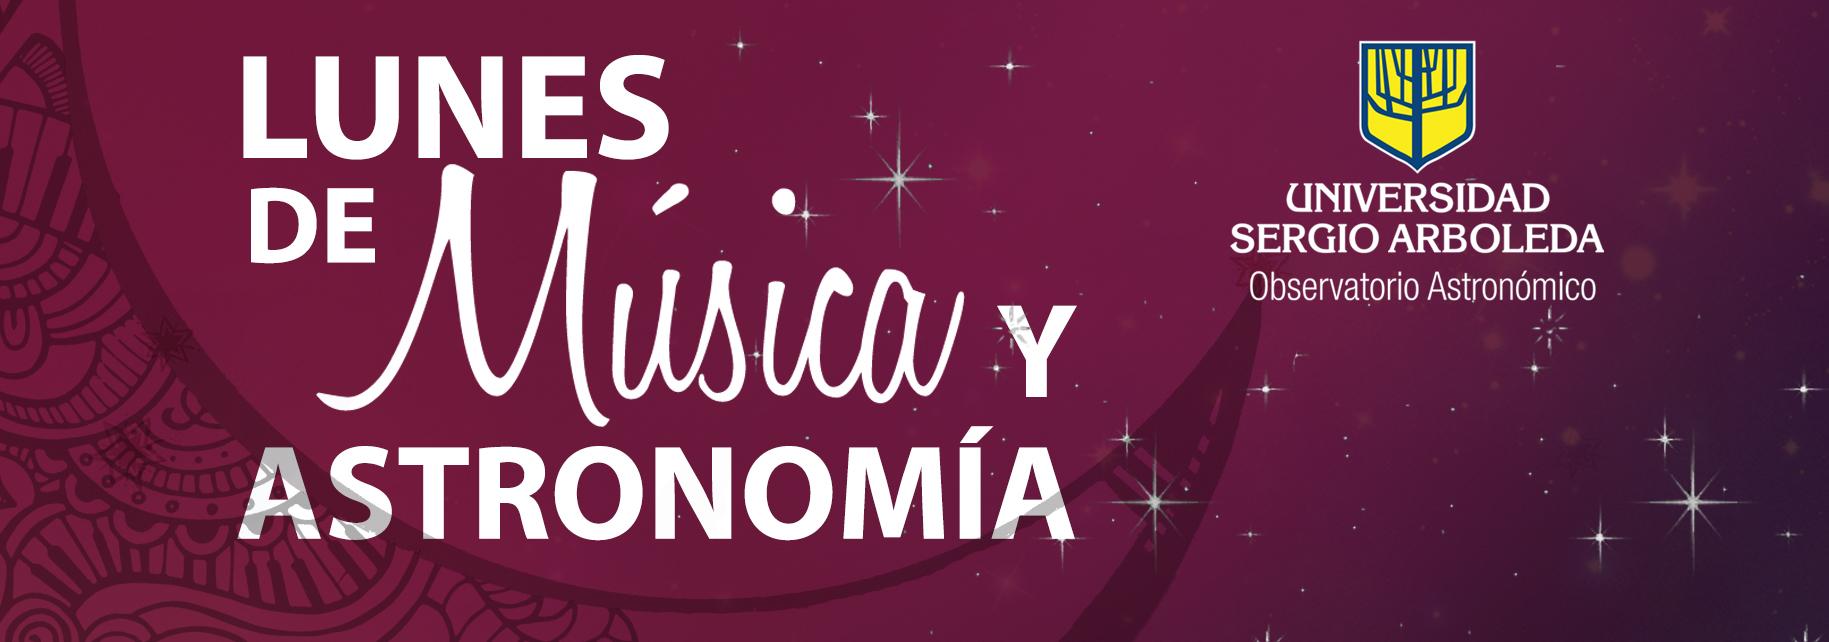 Martes_de_musica_y_astronomia_banner_correccion